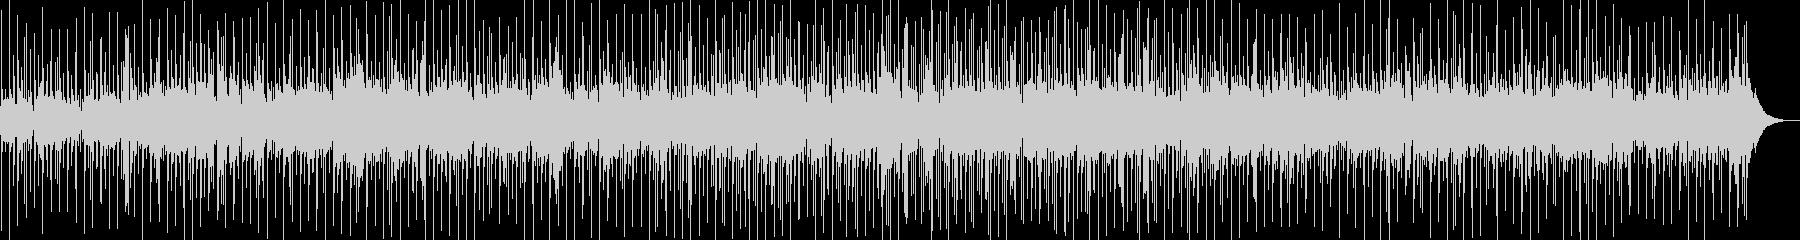 爽やかなギターボサノバの未再生の波形